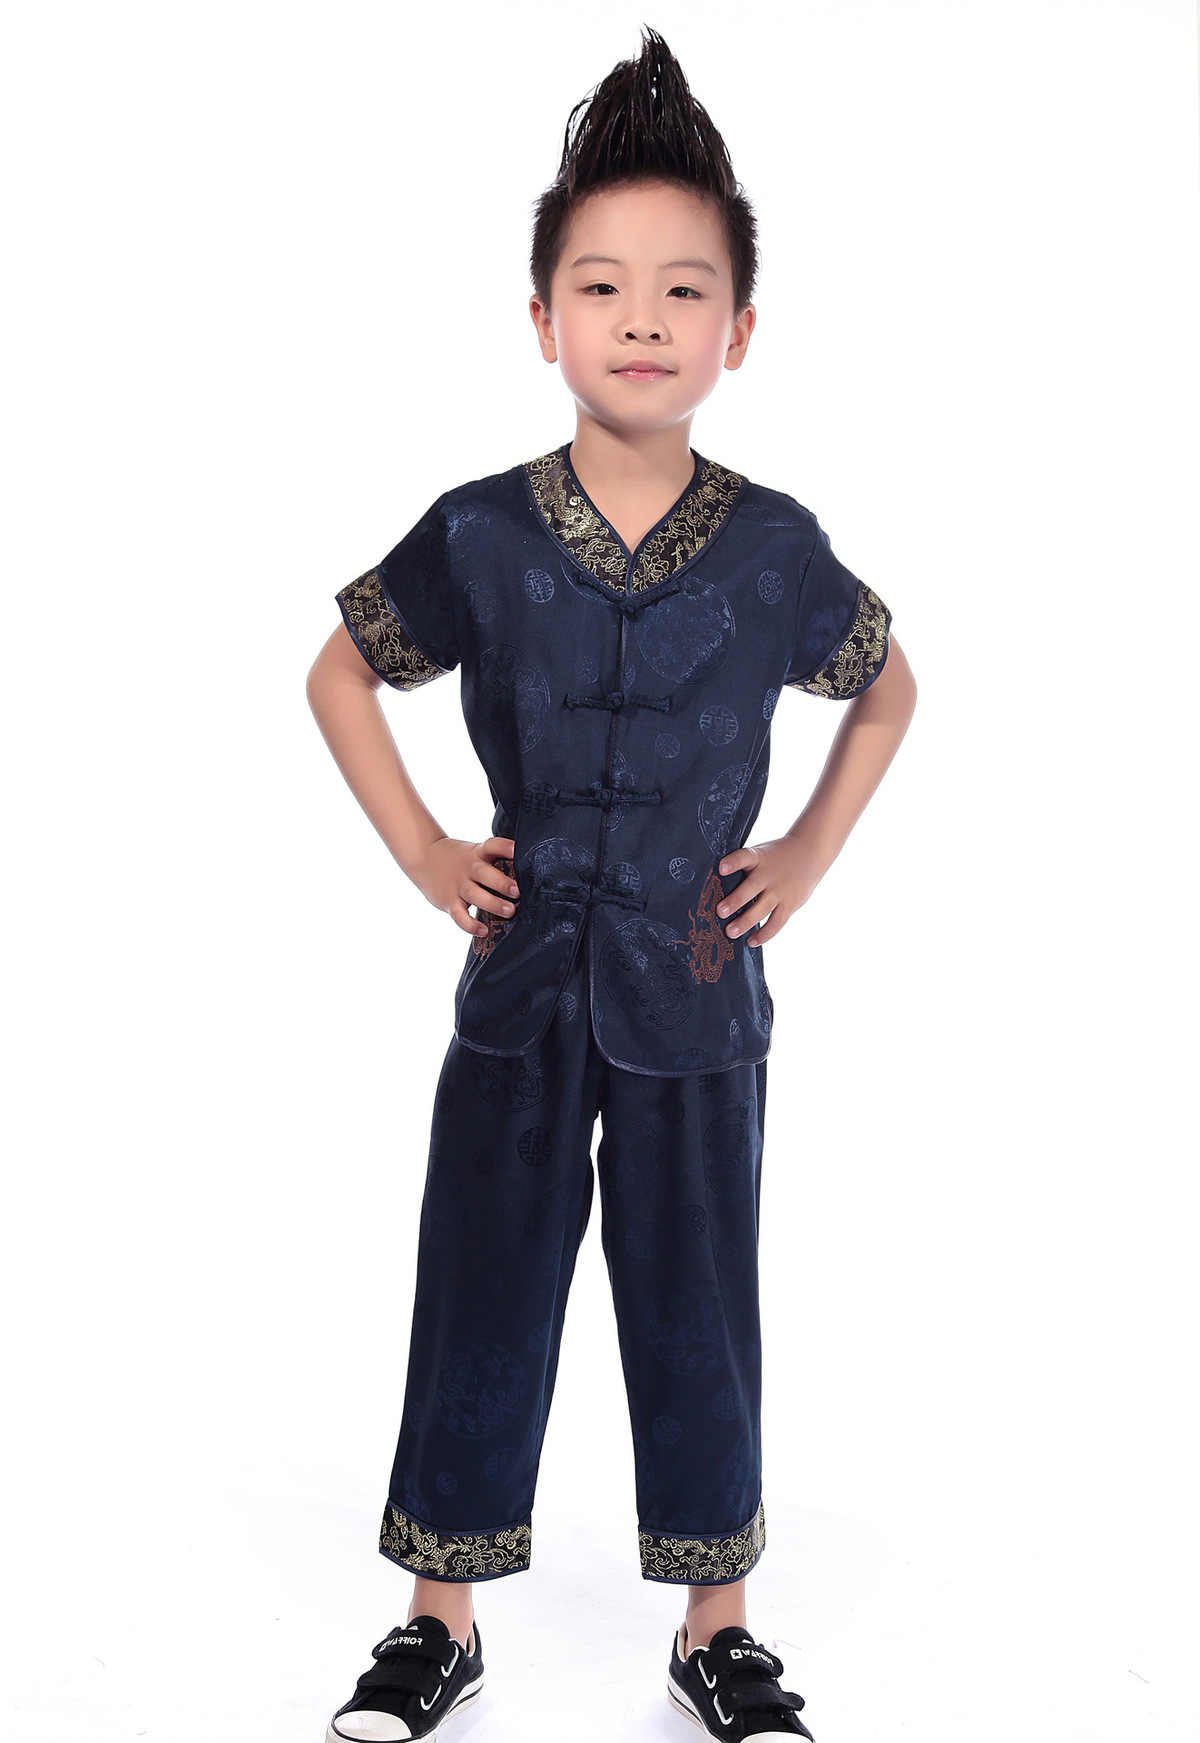 여름 새로운 어린이 당나라 의상 짧은 소매 정장 자수 빨간색 파란색 Yelllow 중국어 번체 Wushu 쿵푸 옷